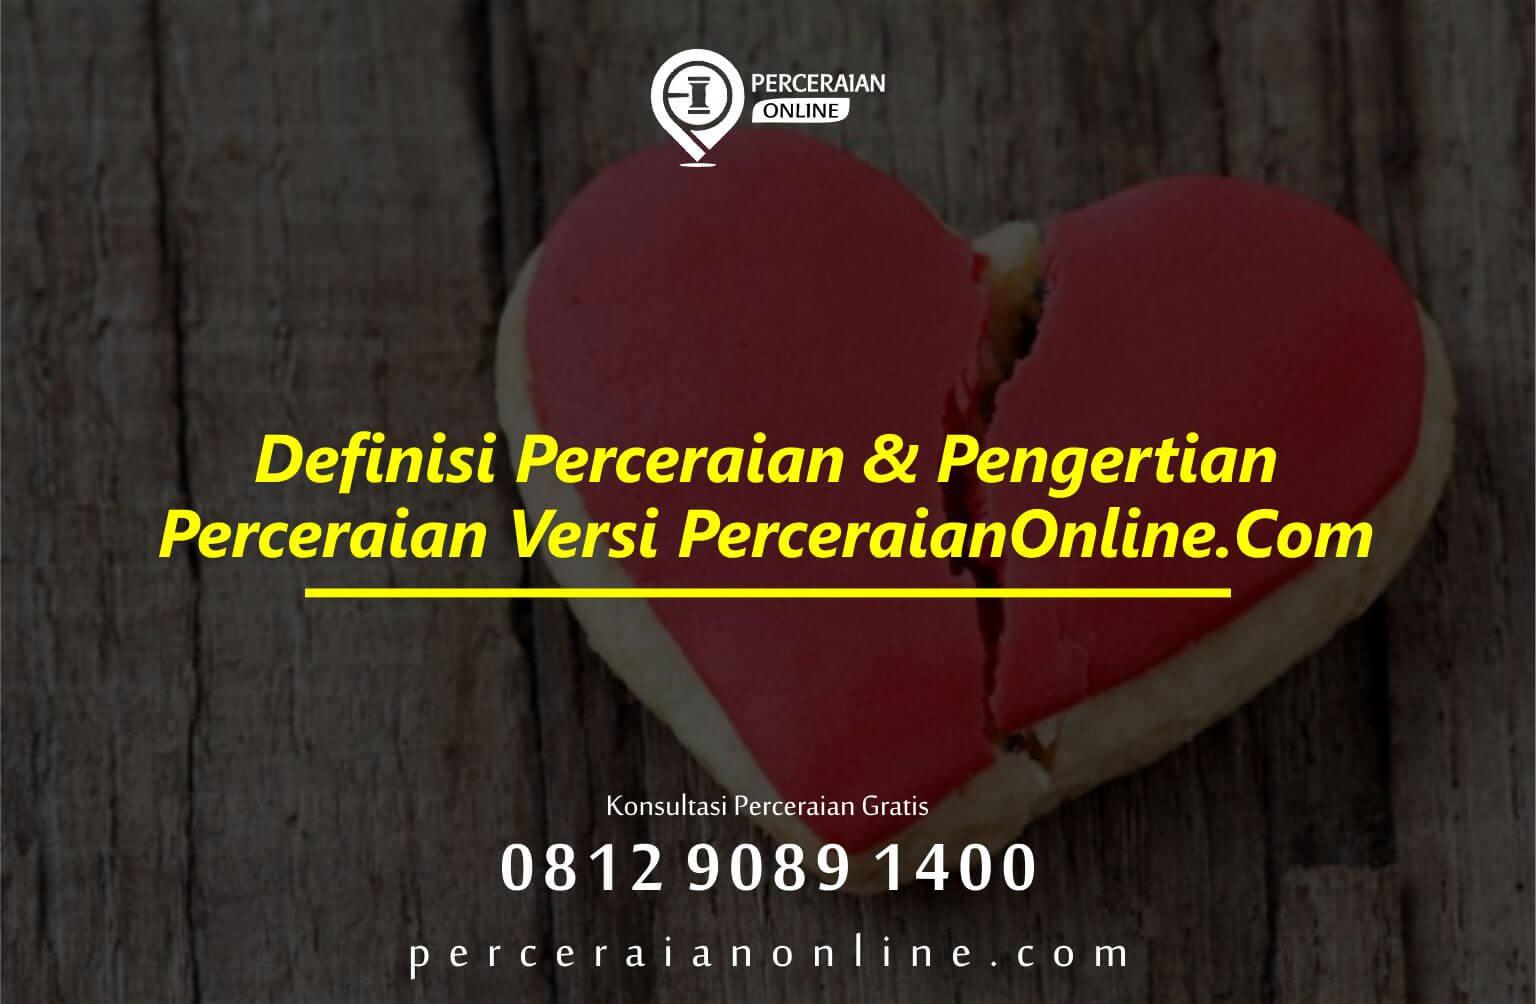 Definisi Perceraian & Pengertian Perceraian Versi Perceraianonline. Com